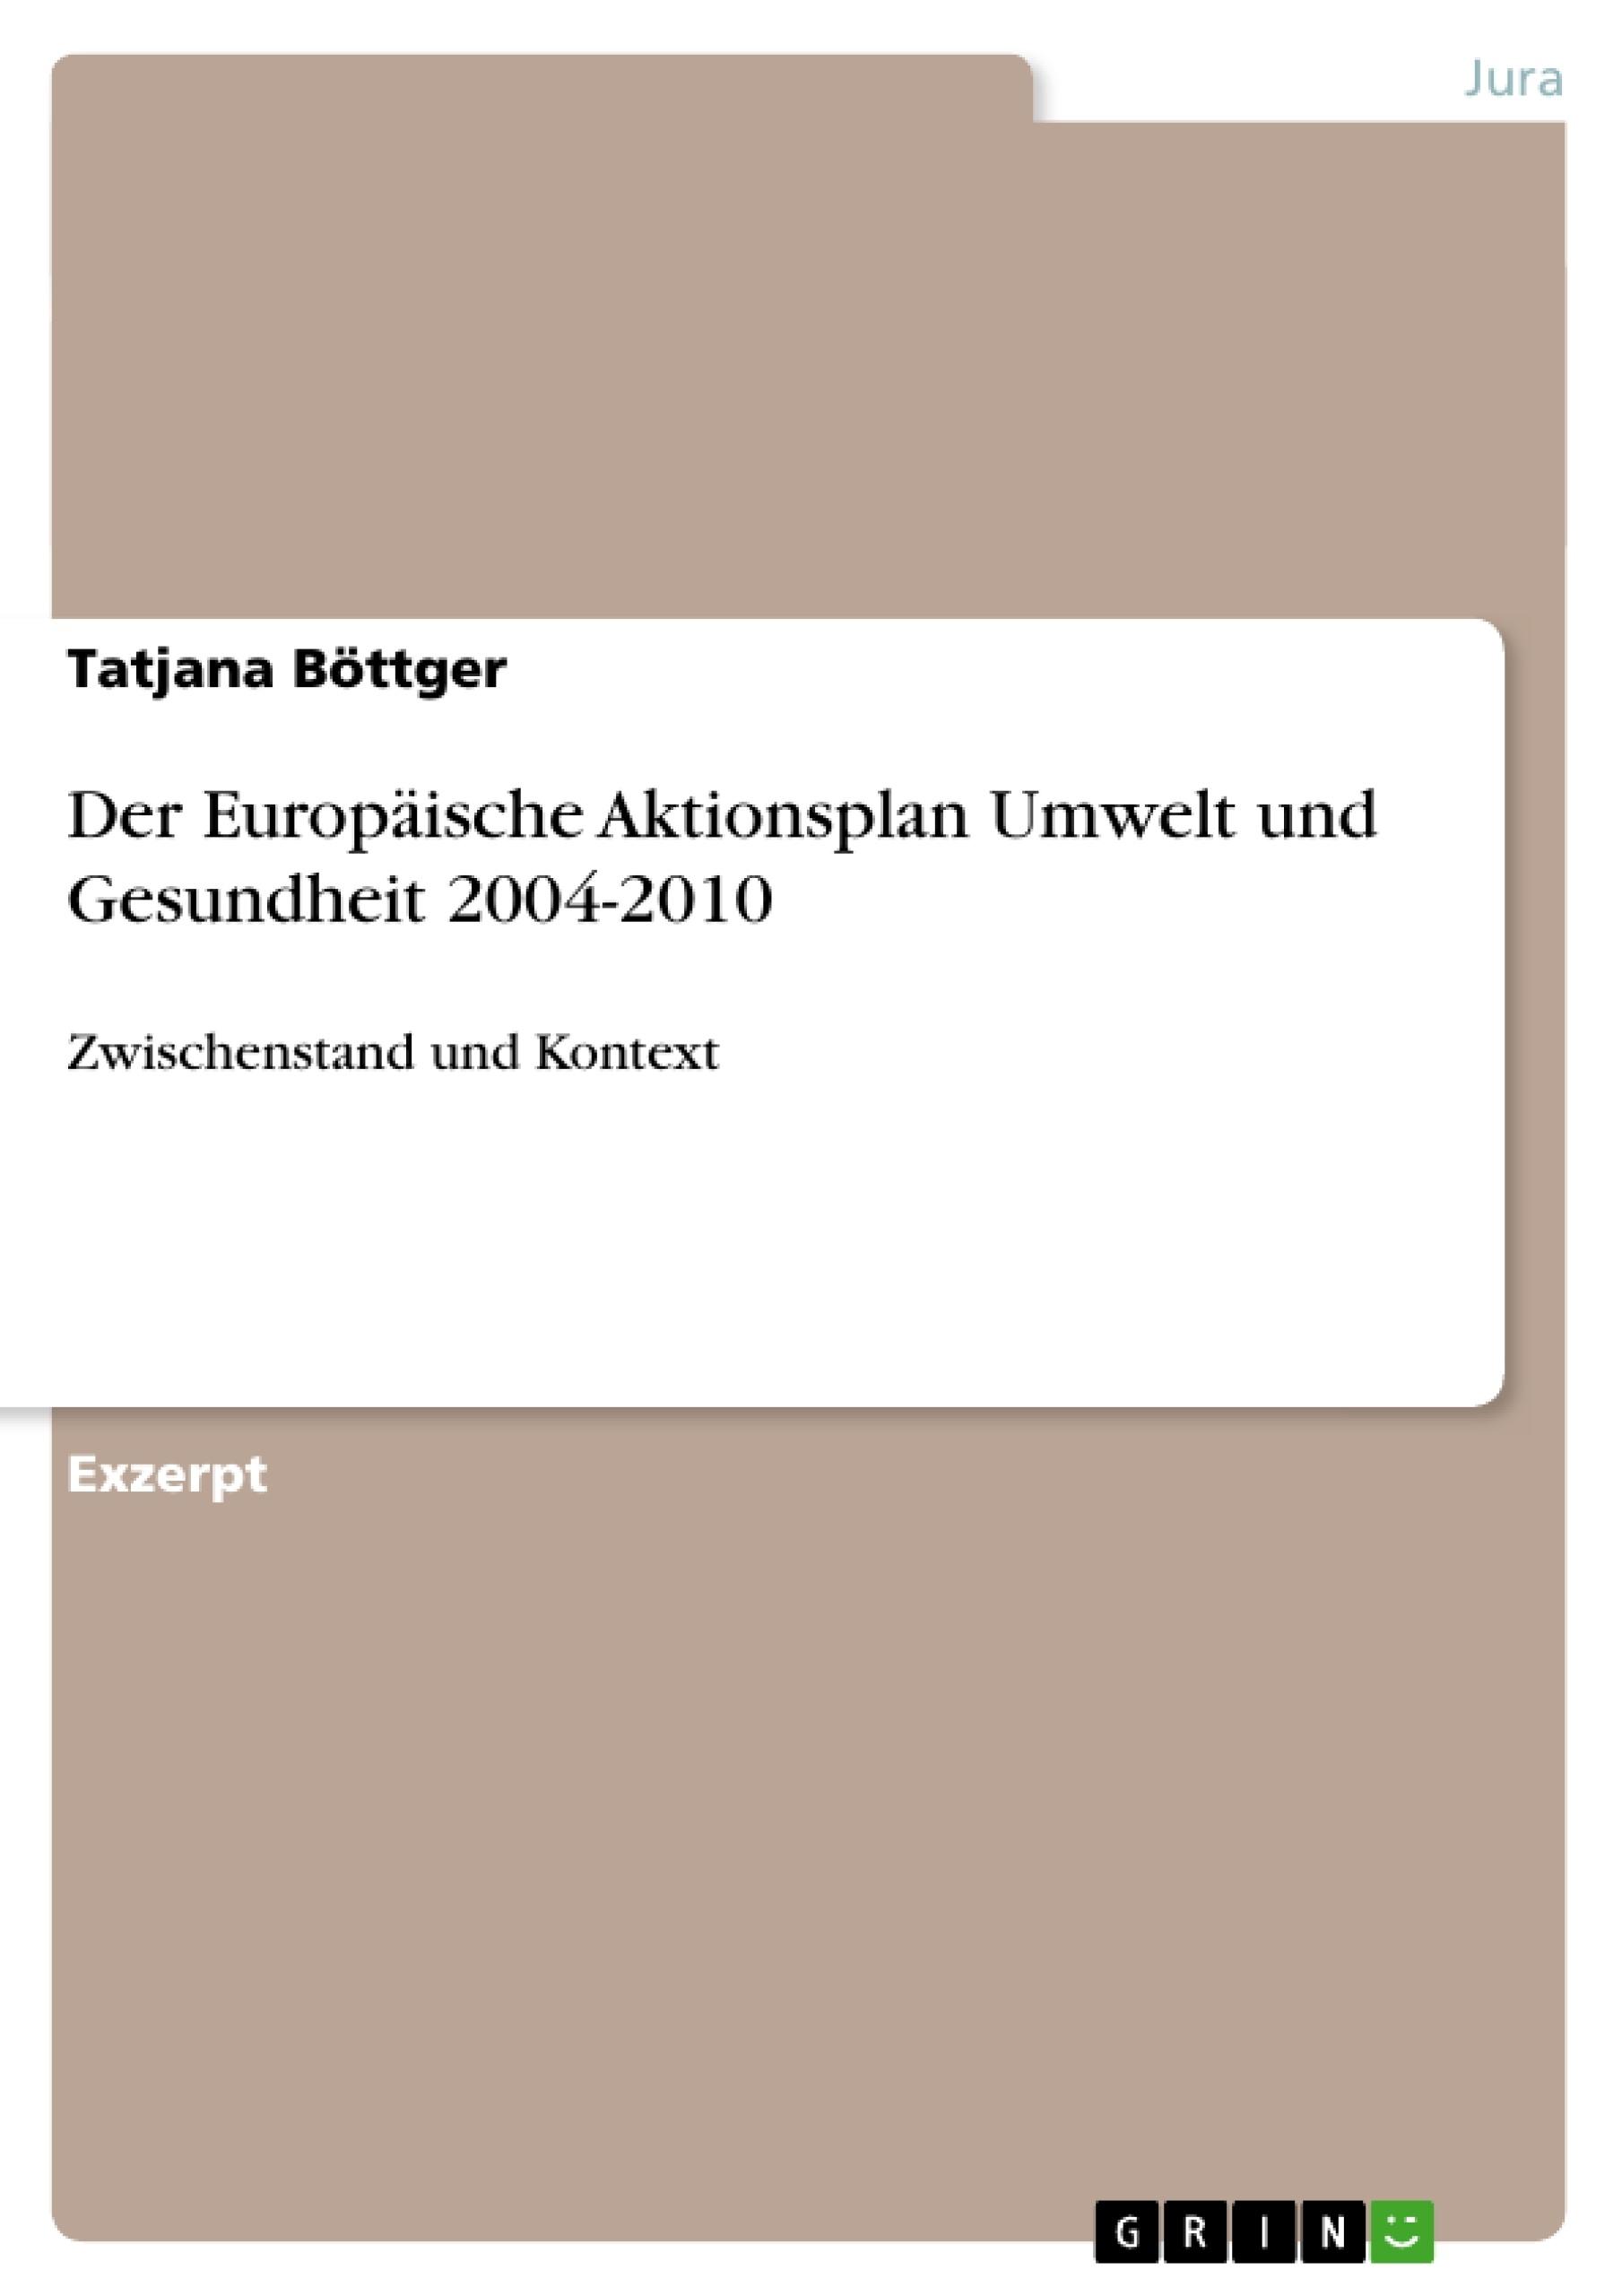 Titel: Der Europäische Aktionsplan Umwelt und Gesundheit 2004-2010